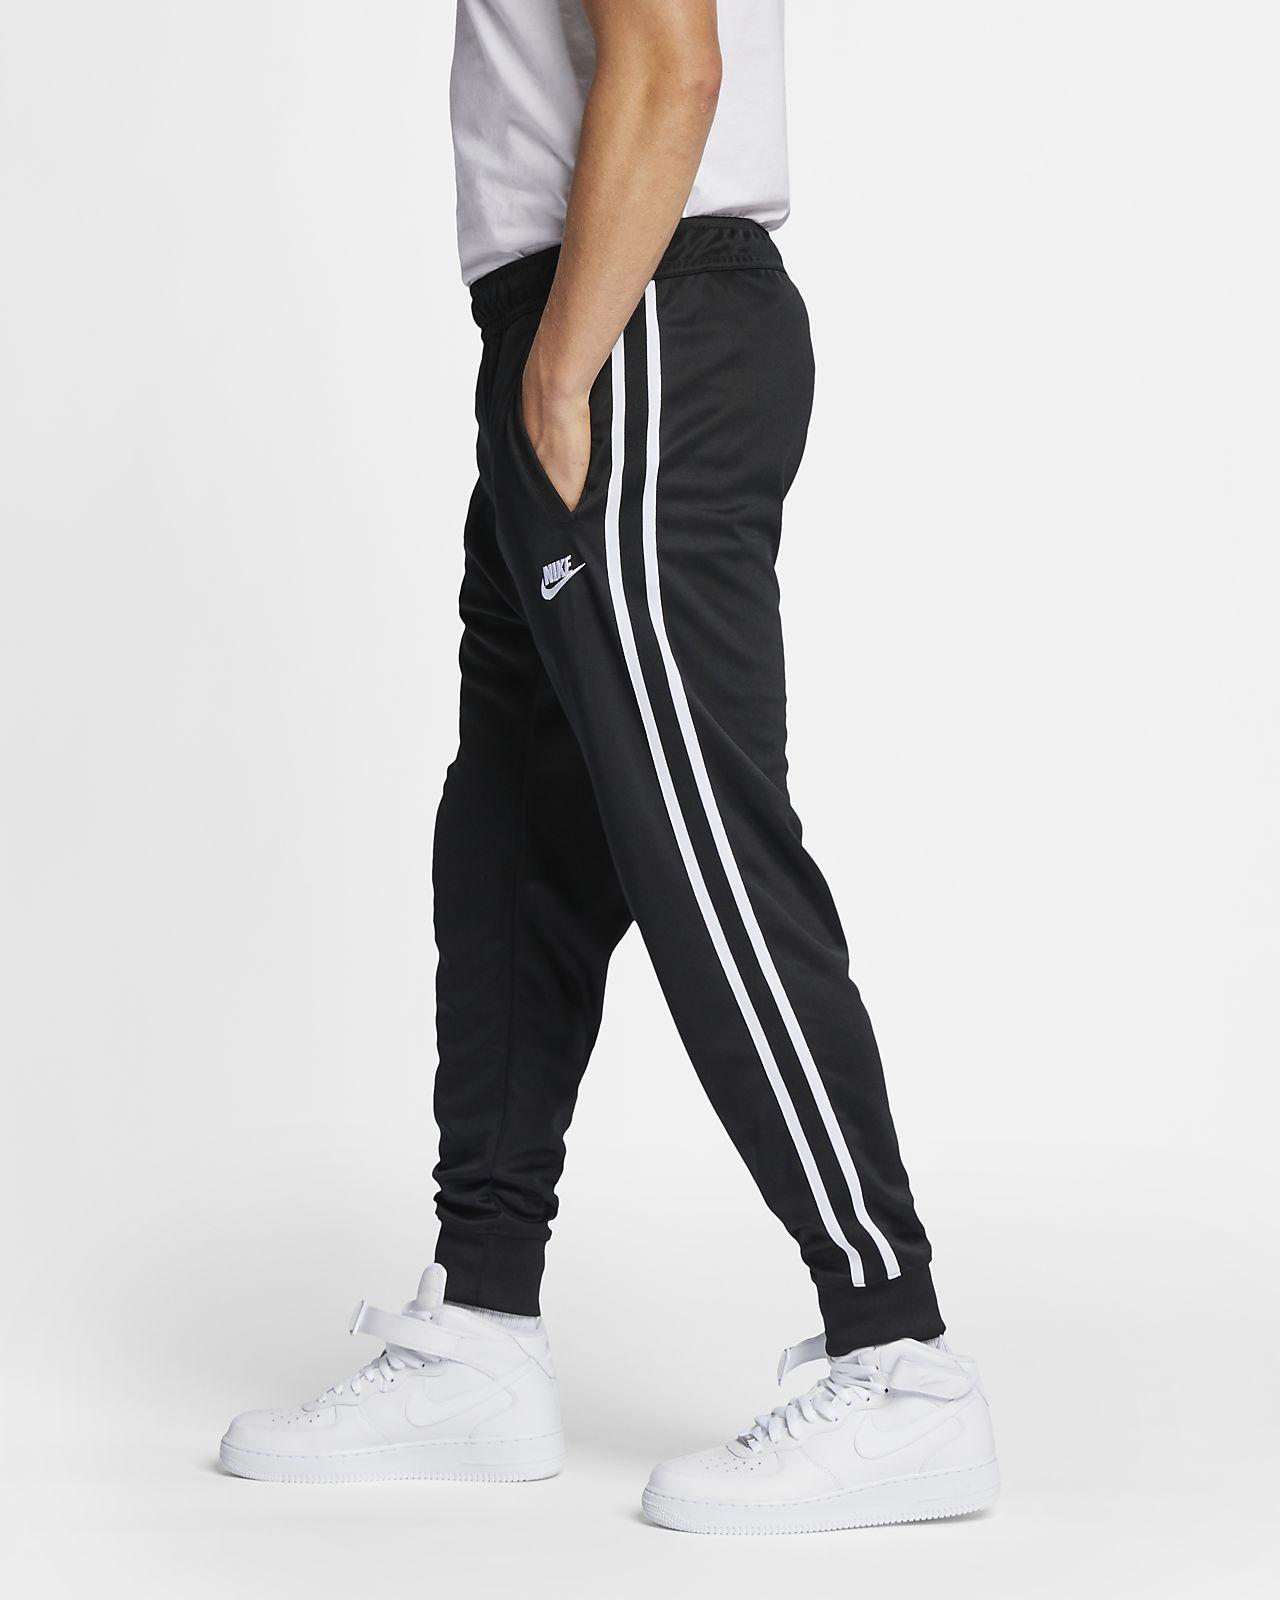 Joggingbyxor Nike Sportswear för män